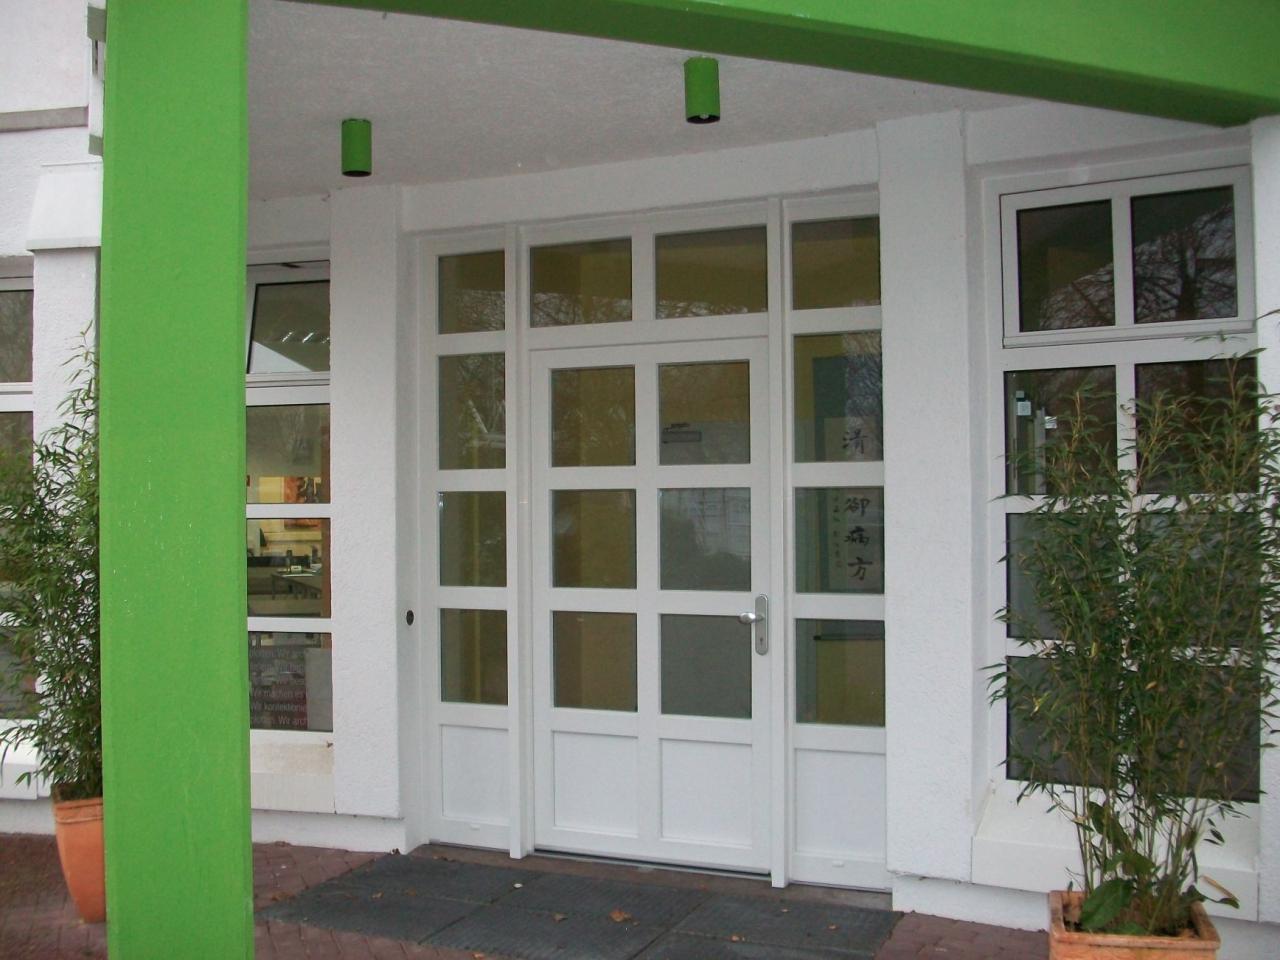 Haustür glas sprossen  Haustüren aus Kunststoff